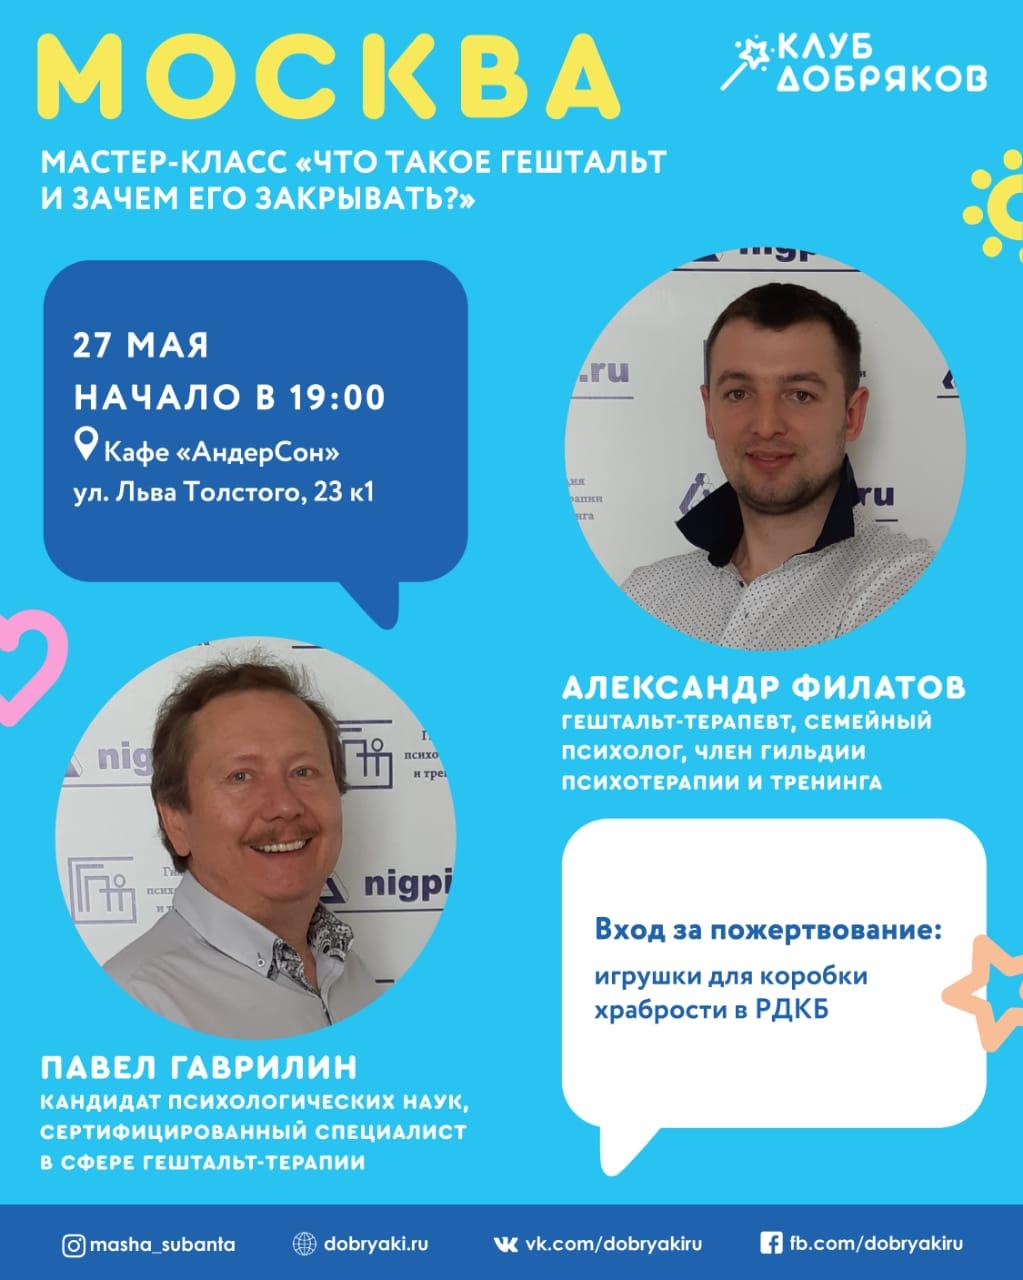 Мастер-класс в Москве от гештальт-терапевтов